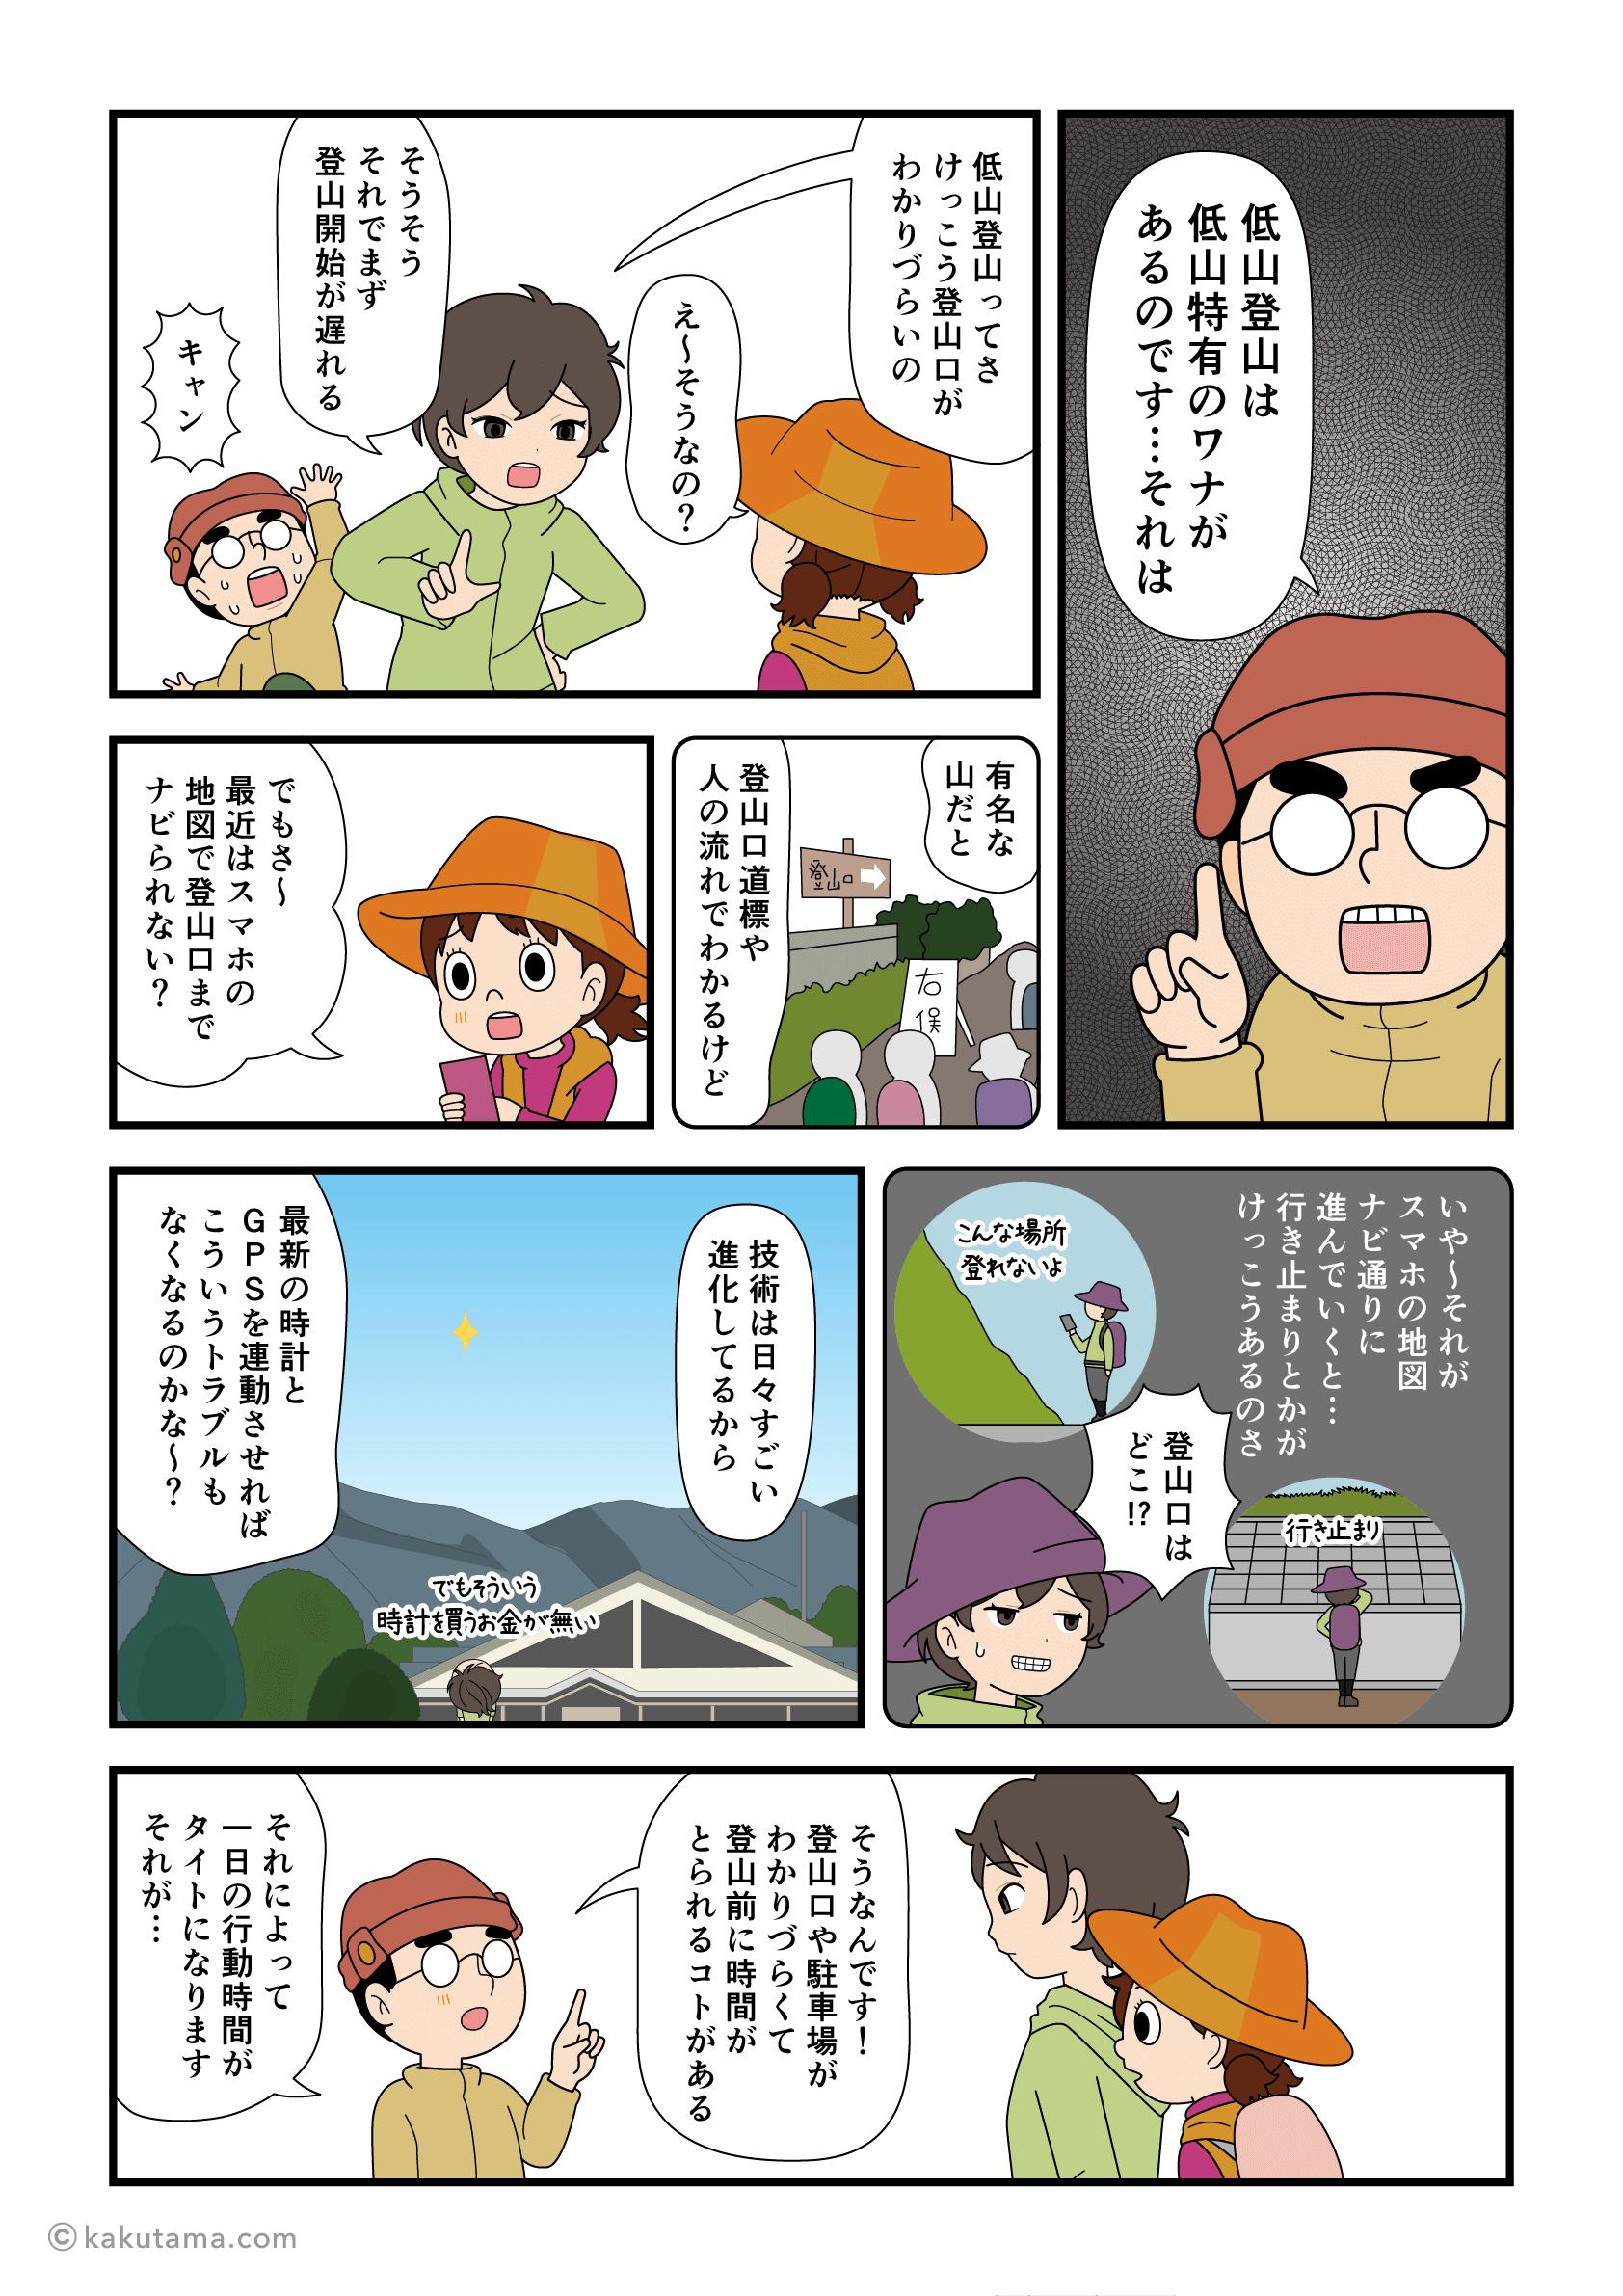 低山登山で登山口がわからなくて迷う登山者の漫画